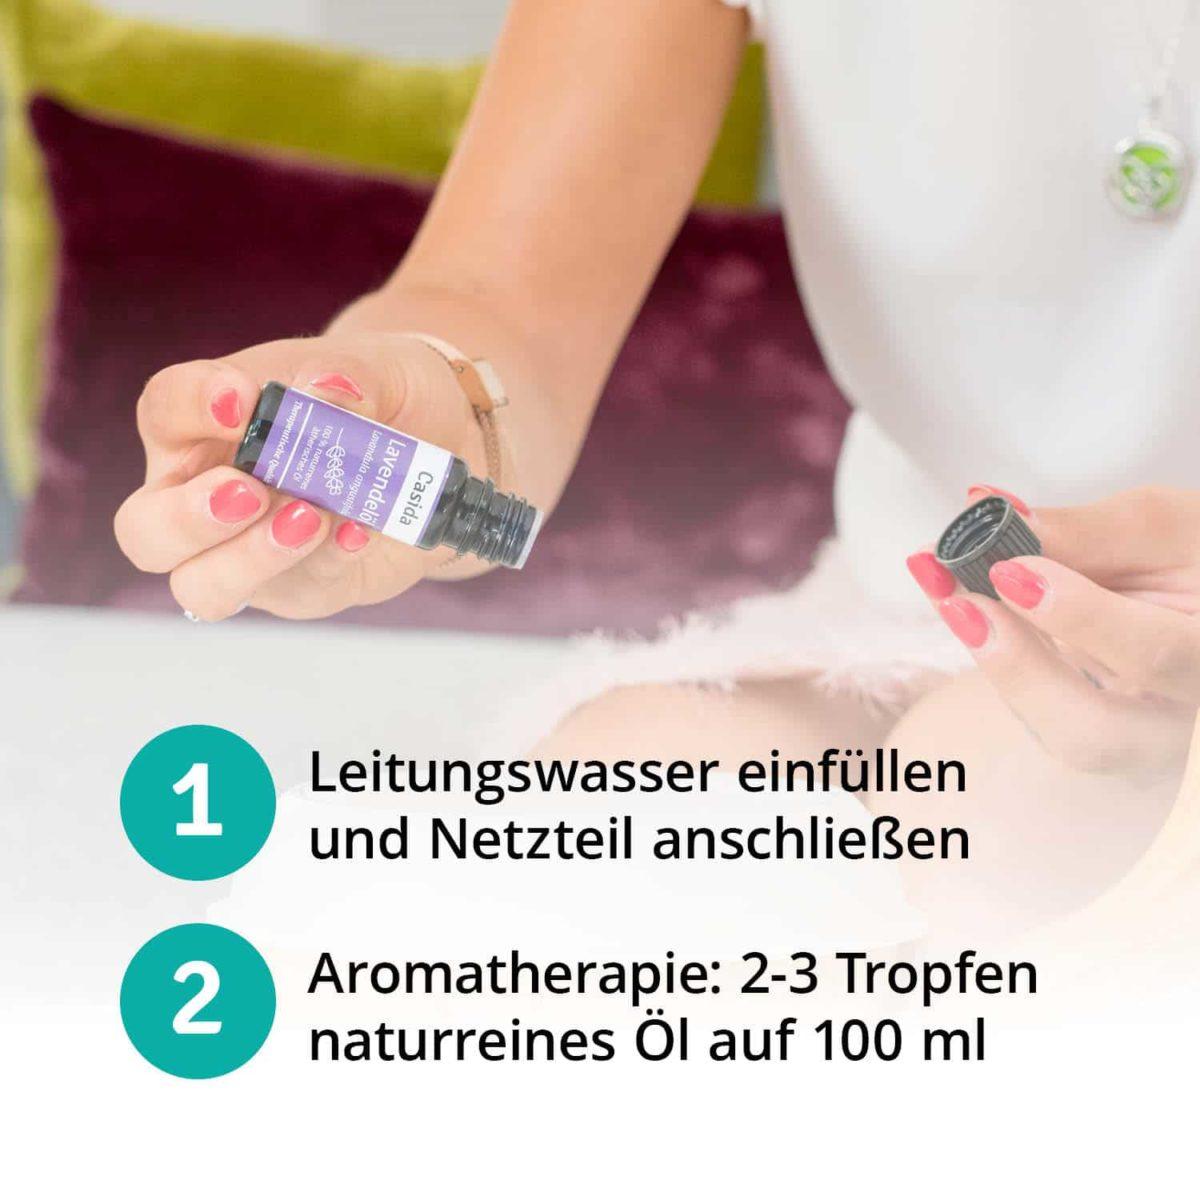 Casida Aroma Diffuser kompakt weiß Apotheke PZN 16351150 Aromatherapie Ätherische Öle vernebeln Lufterfrischer mobil6